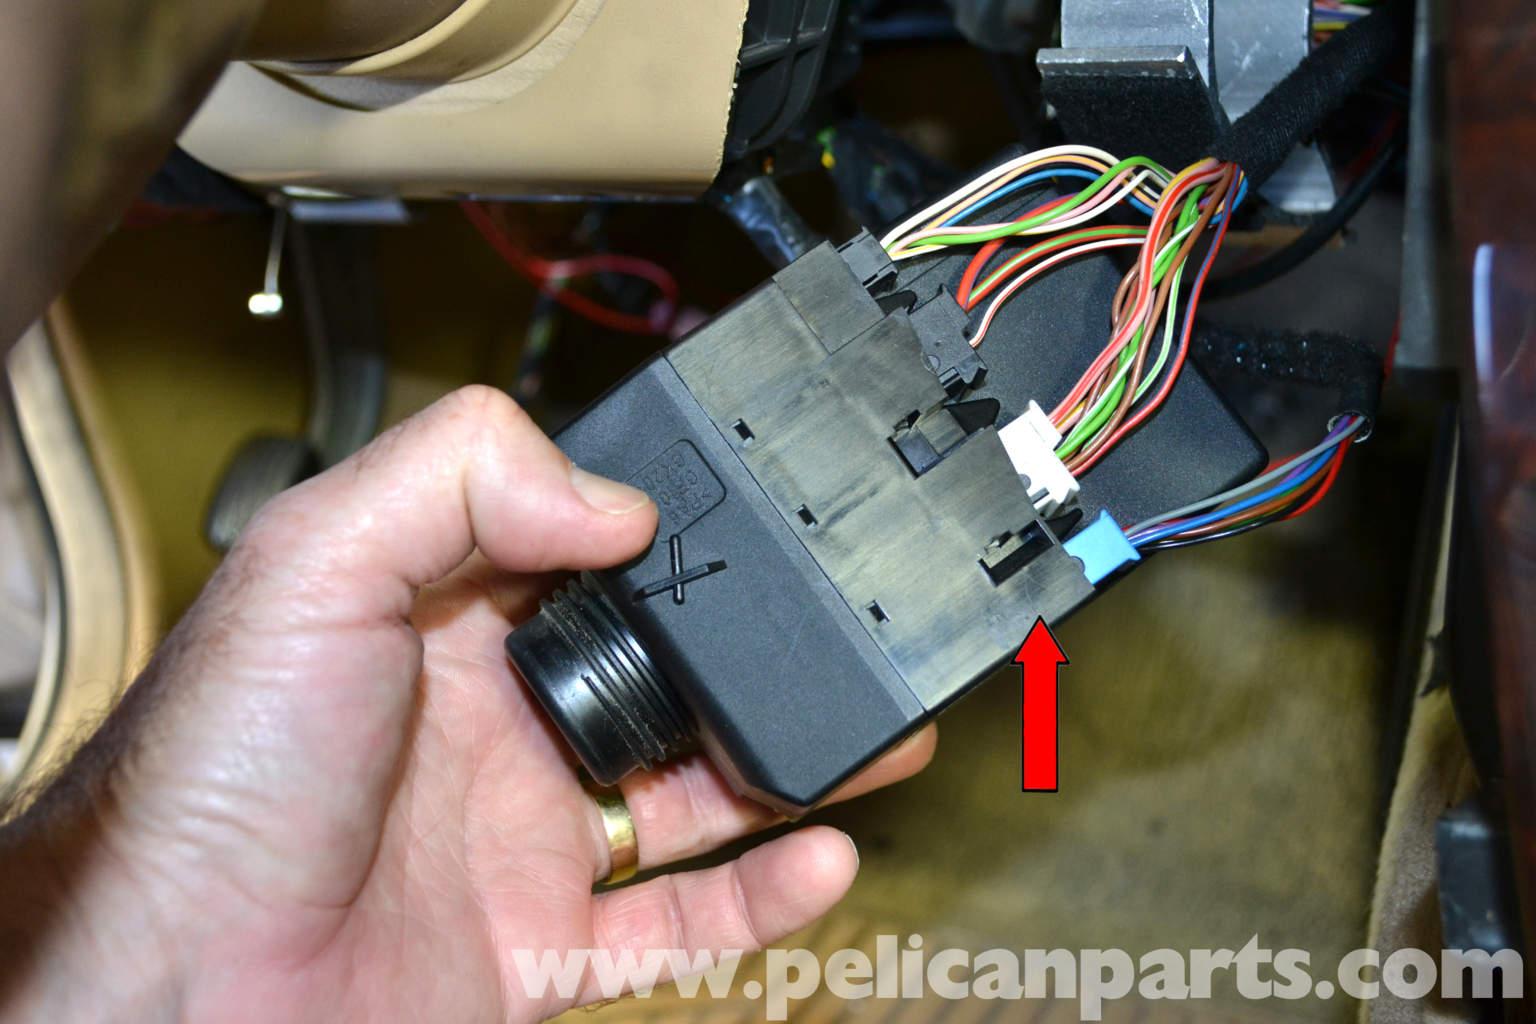 Mercedes 230 Slk Wiring Diagrams Jeep Wrangler Third Brake Light ...